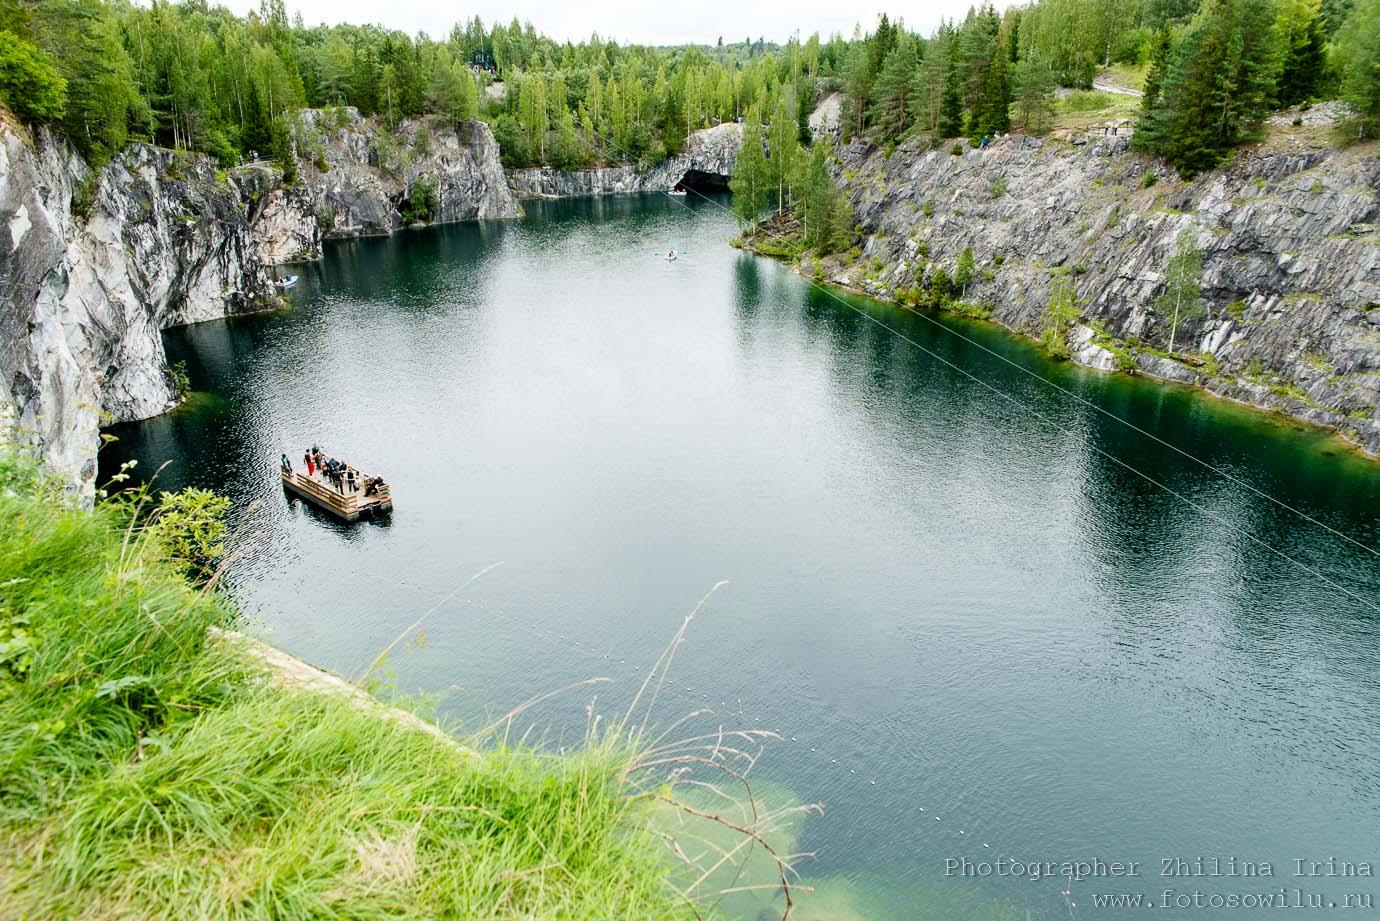 Рускеала, Карелия, горный парк, куда поехать отдыхать, отдых в России, что смотреть в России, мраморный карьер